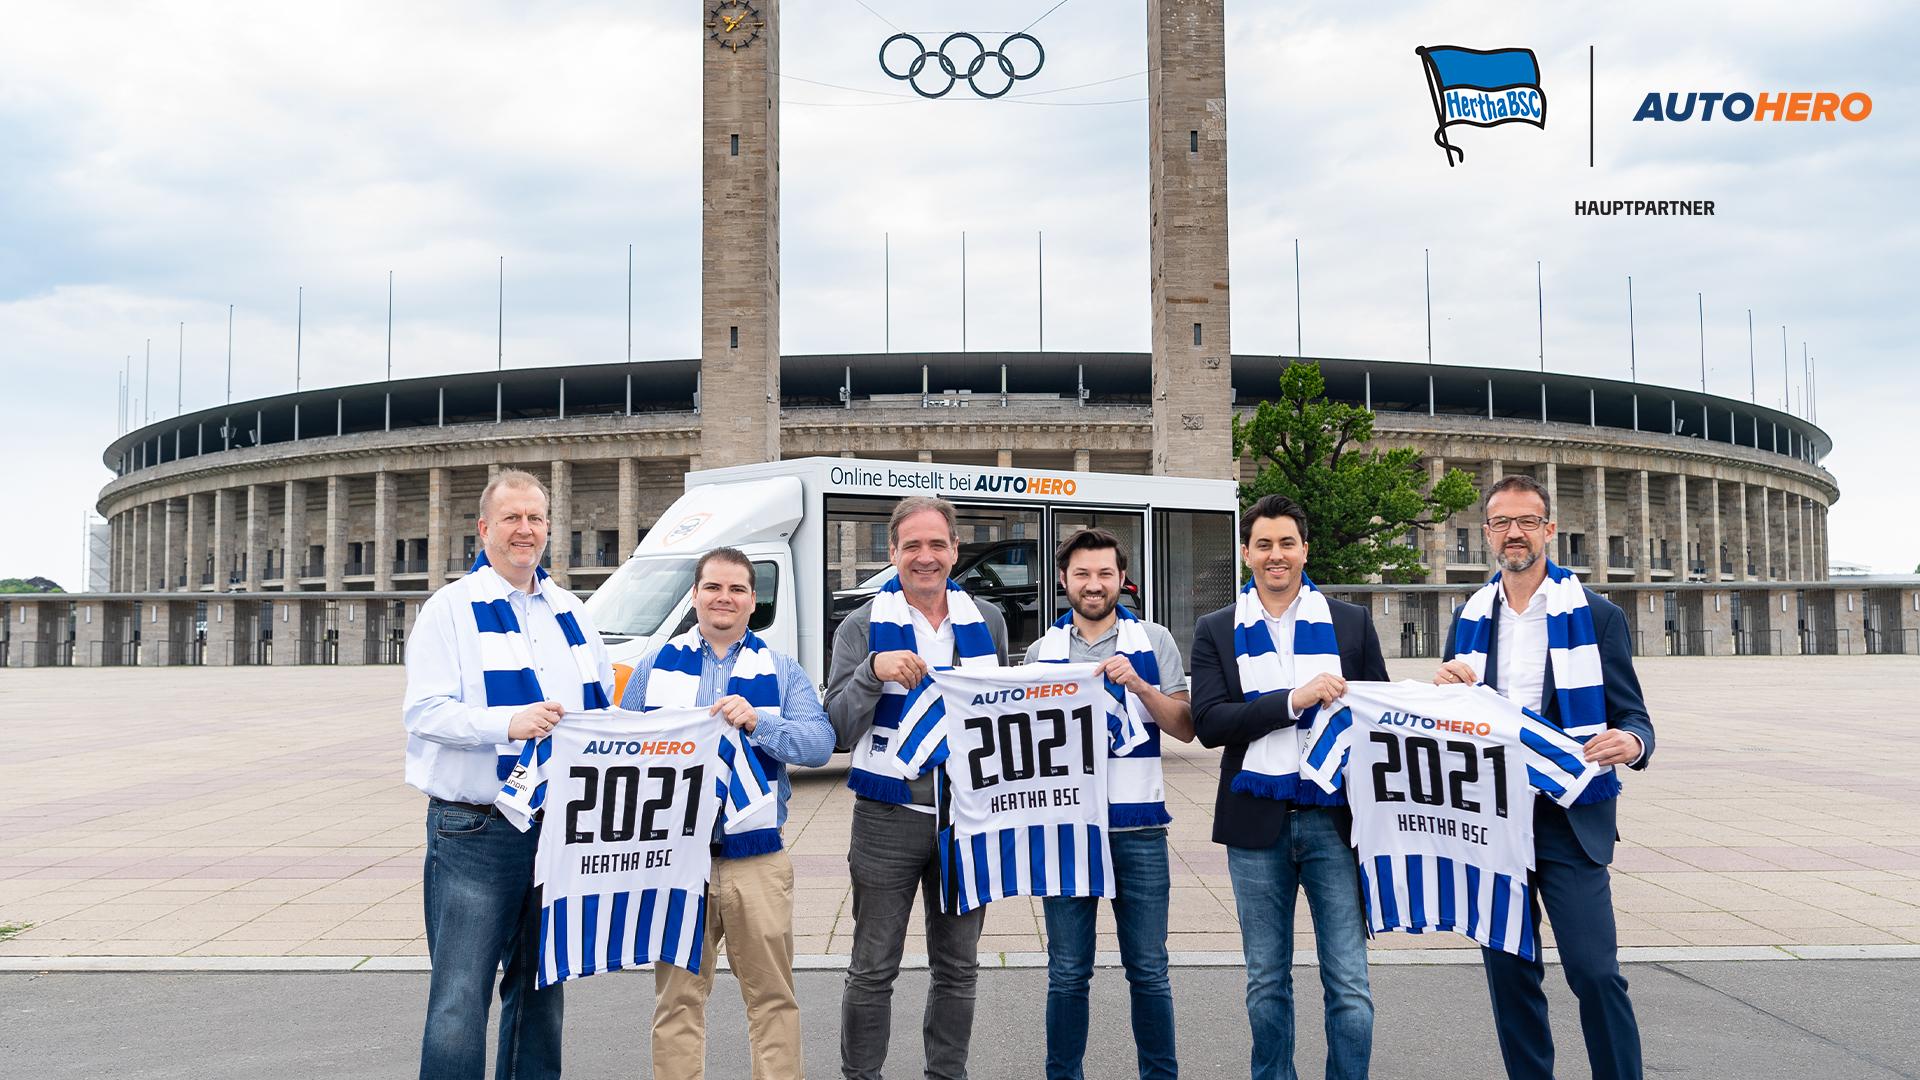 Ingo Schiller, Sören Lange, Carsten Schmidt, Josef Hallmann, Hamza Saber, Fredi Bobic (l to r) in front of the Olympiastadion